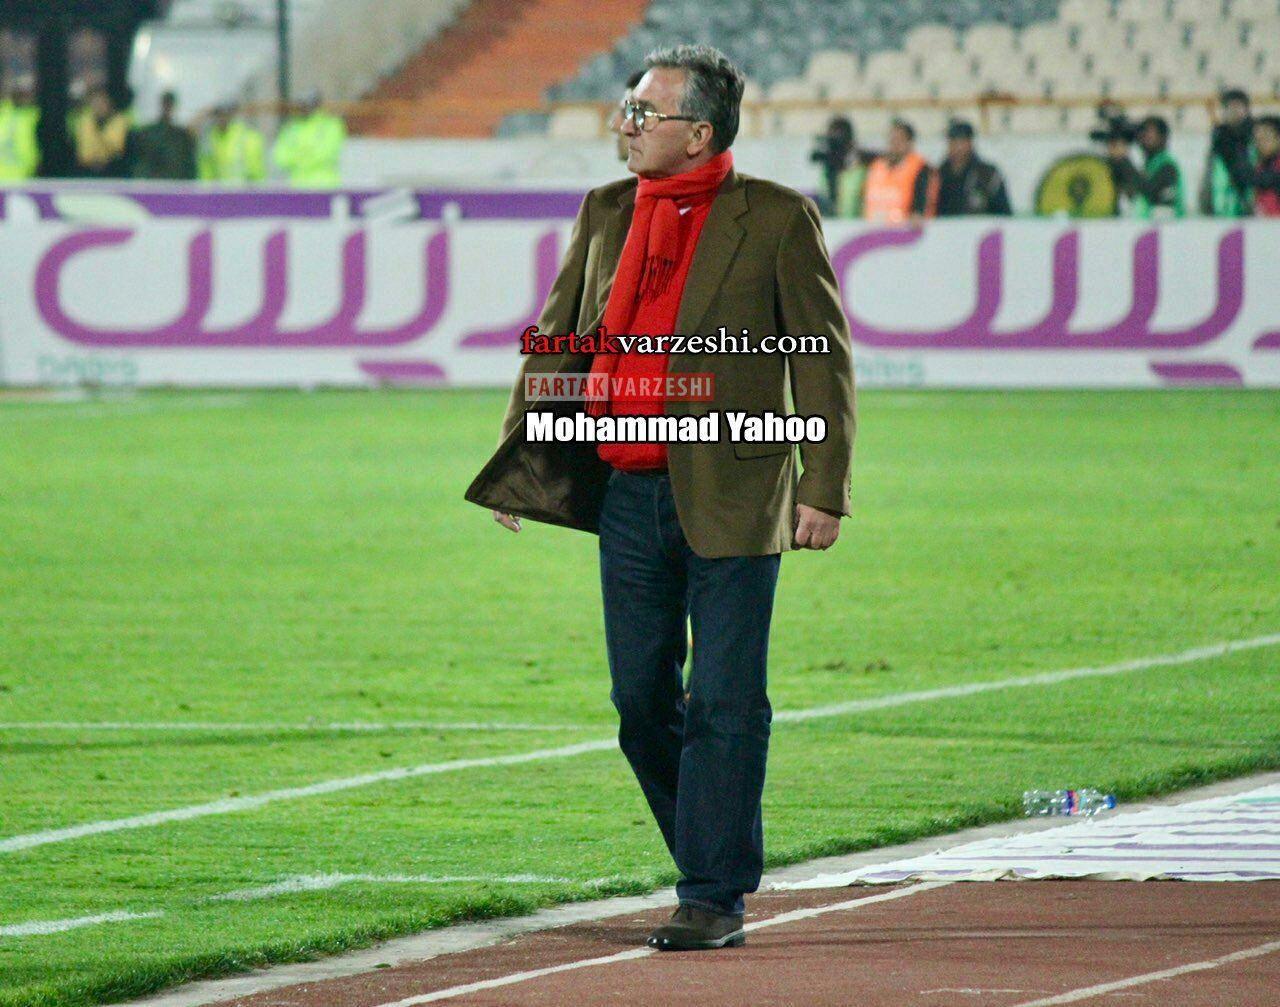 برانکو: هیچ مذاکره ای با من در مورد حضور در تیم ملی انجام نشده است/ اجازه نمی دهیم شایعات ذهن ما را به هم بزنند